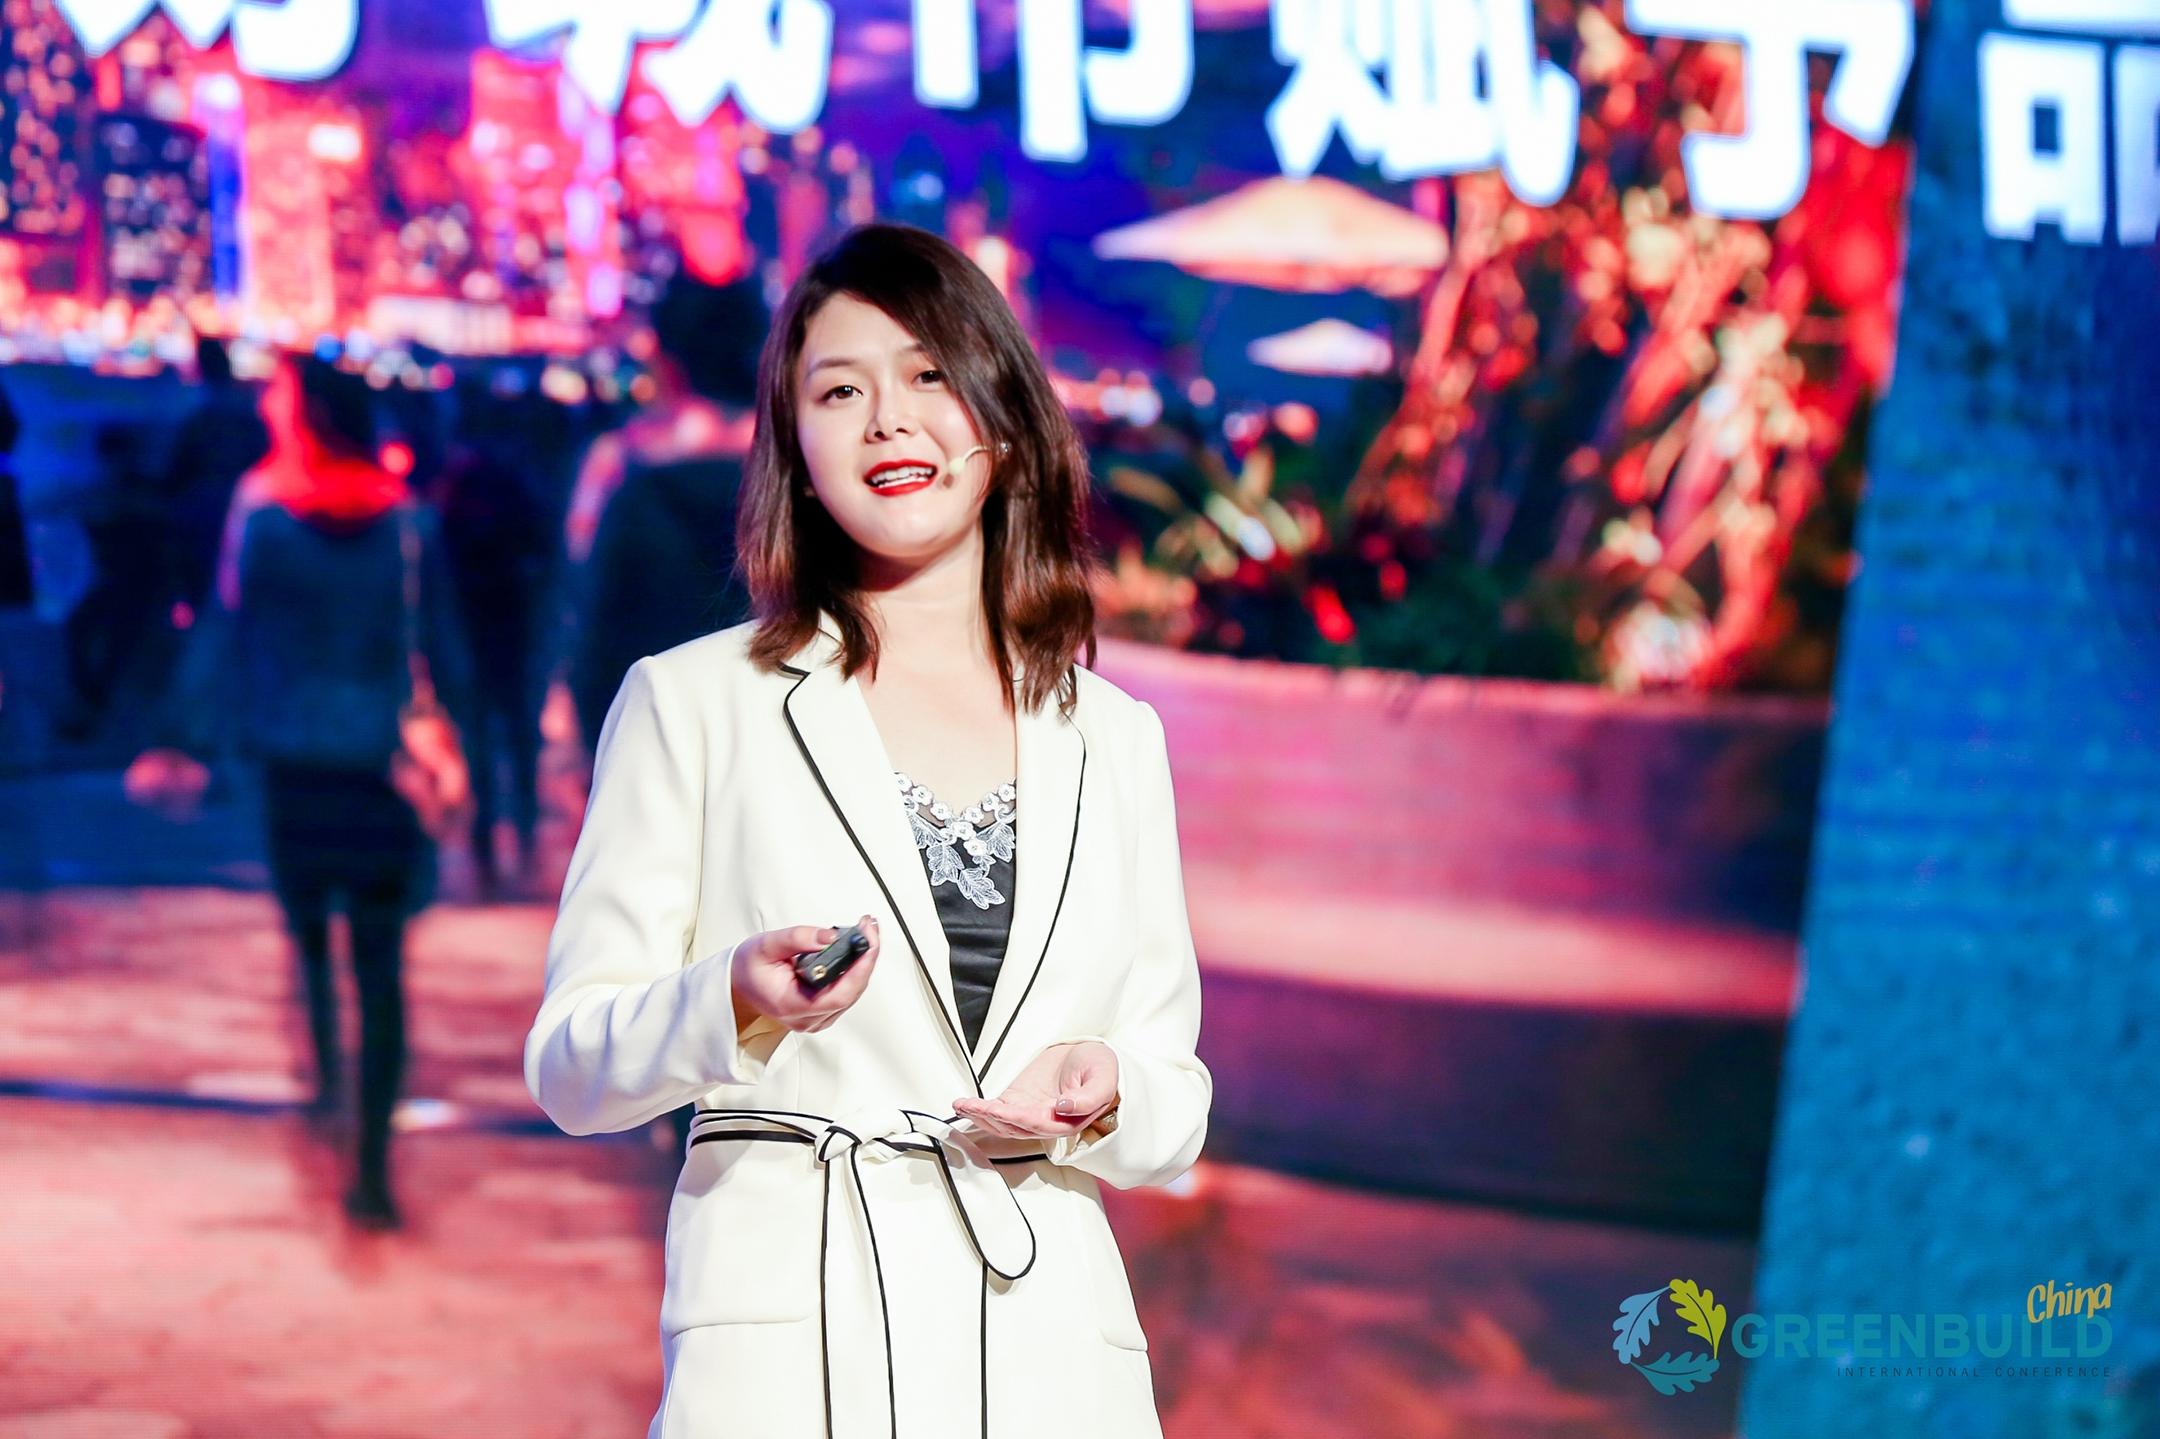 Jing Wang at Greenbuild China 2019